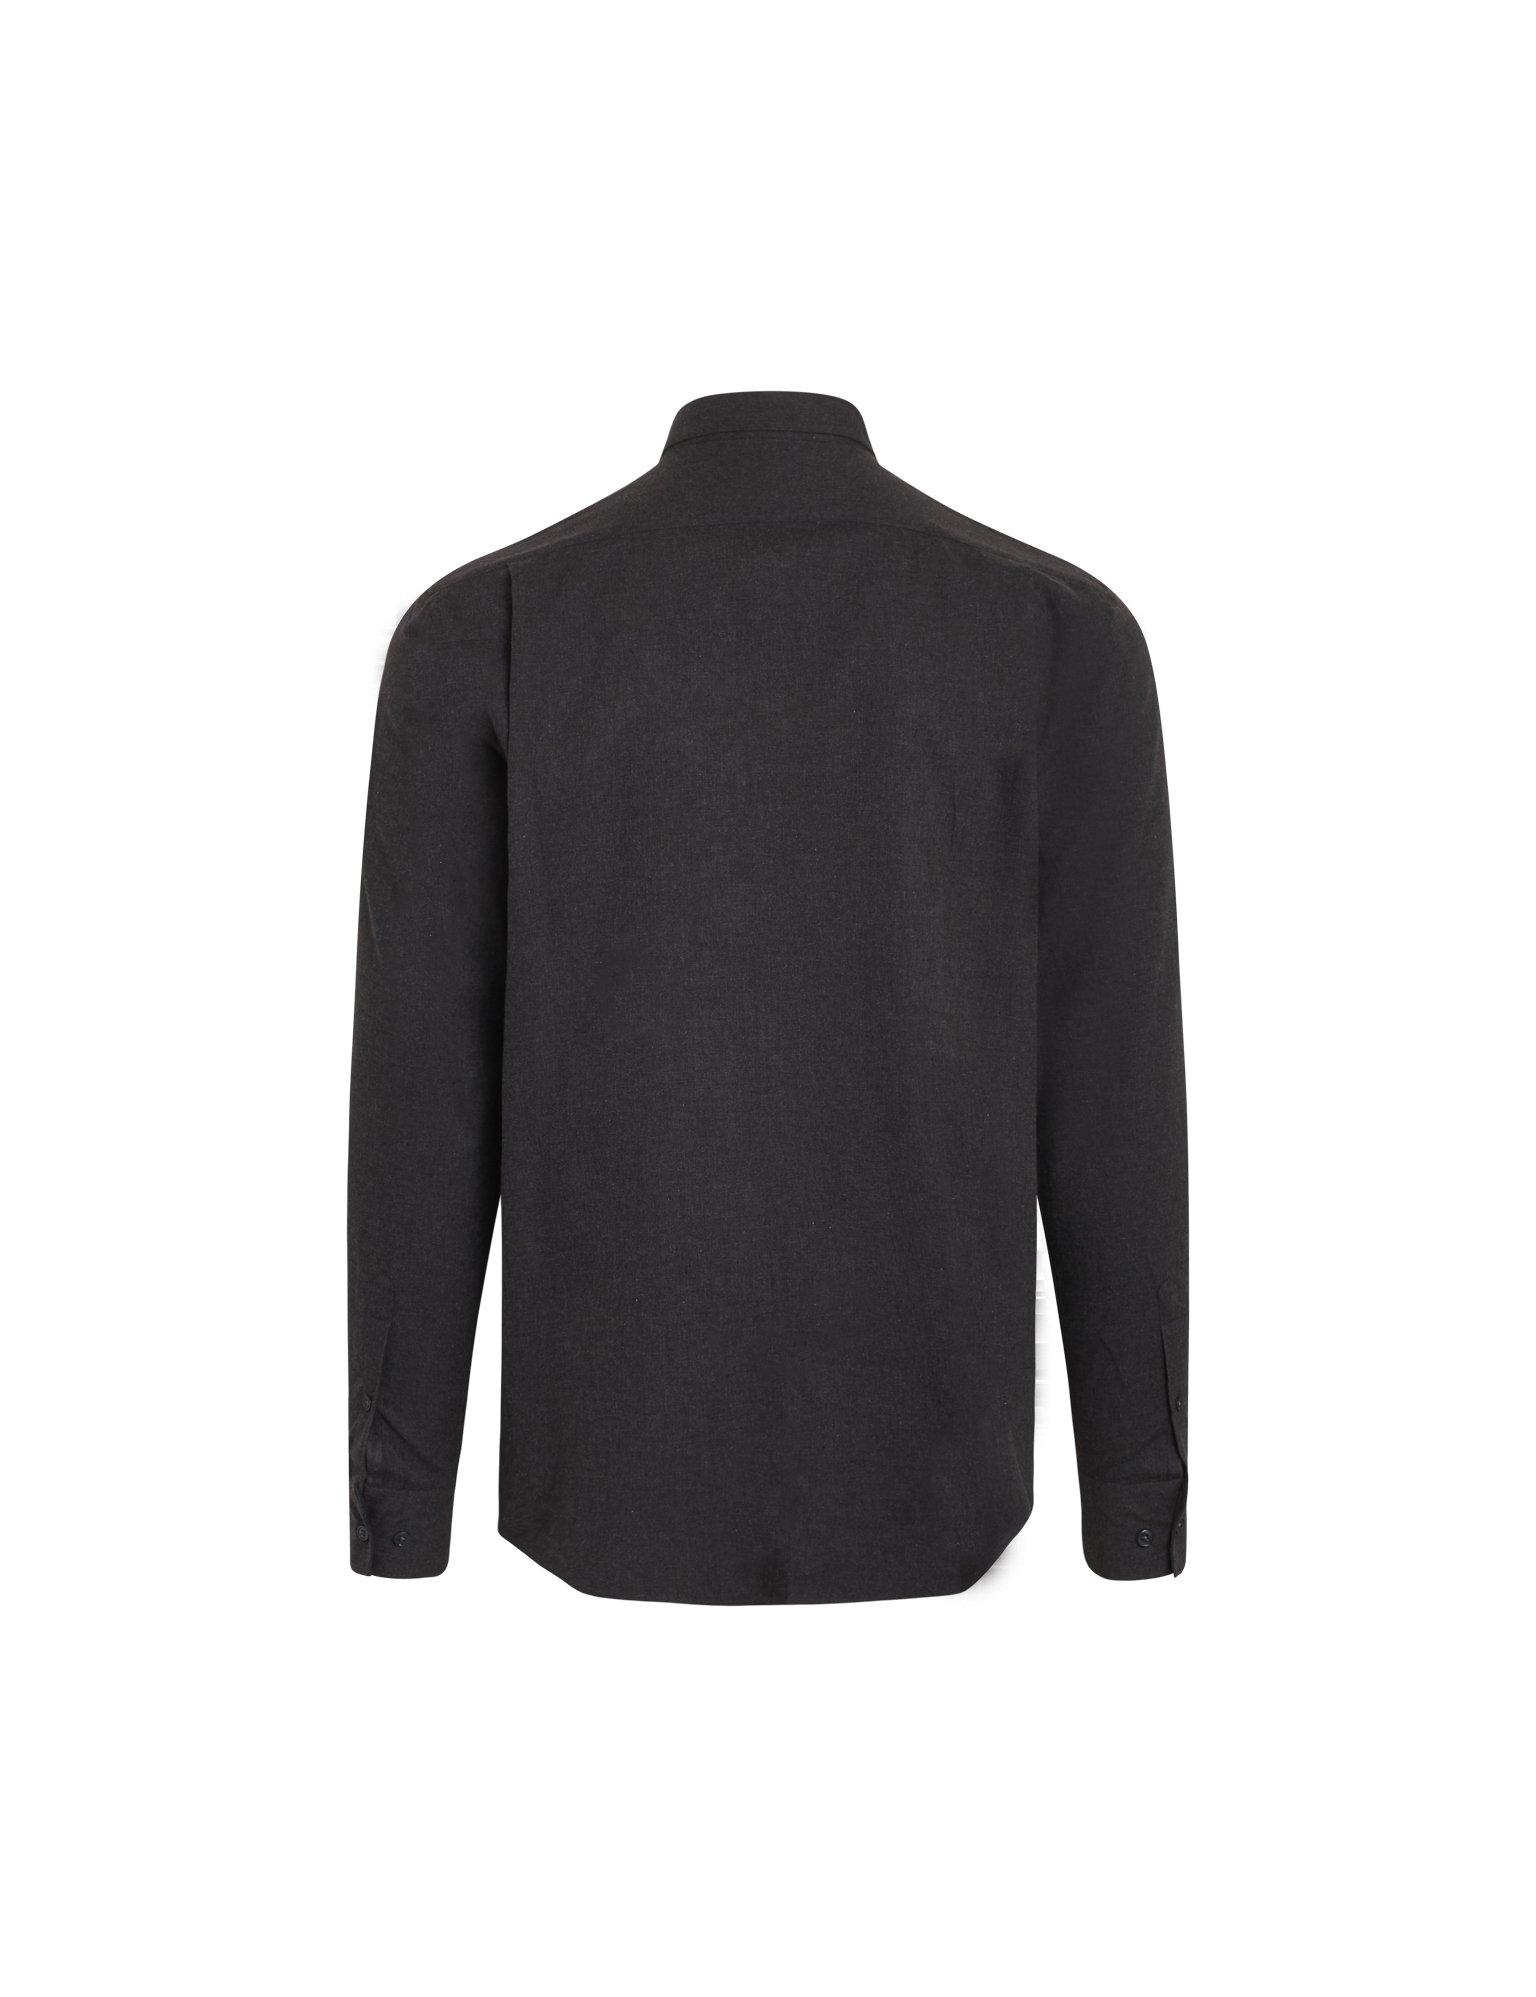 Mads Nørgaard Flamel Saul skjorte, charcoal, x-large